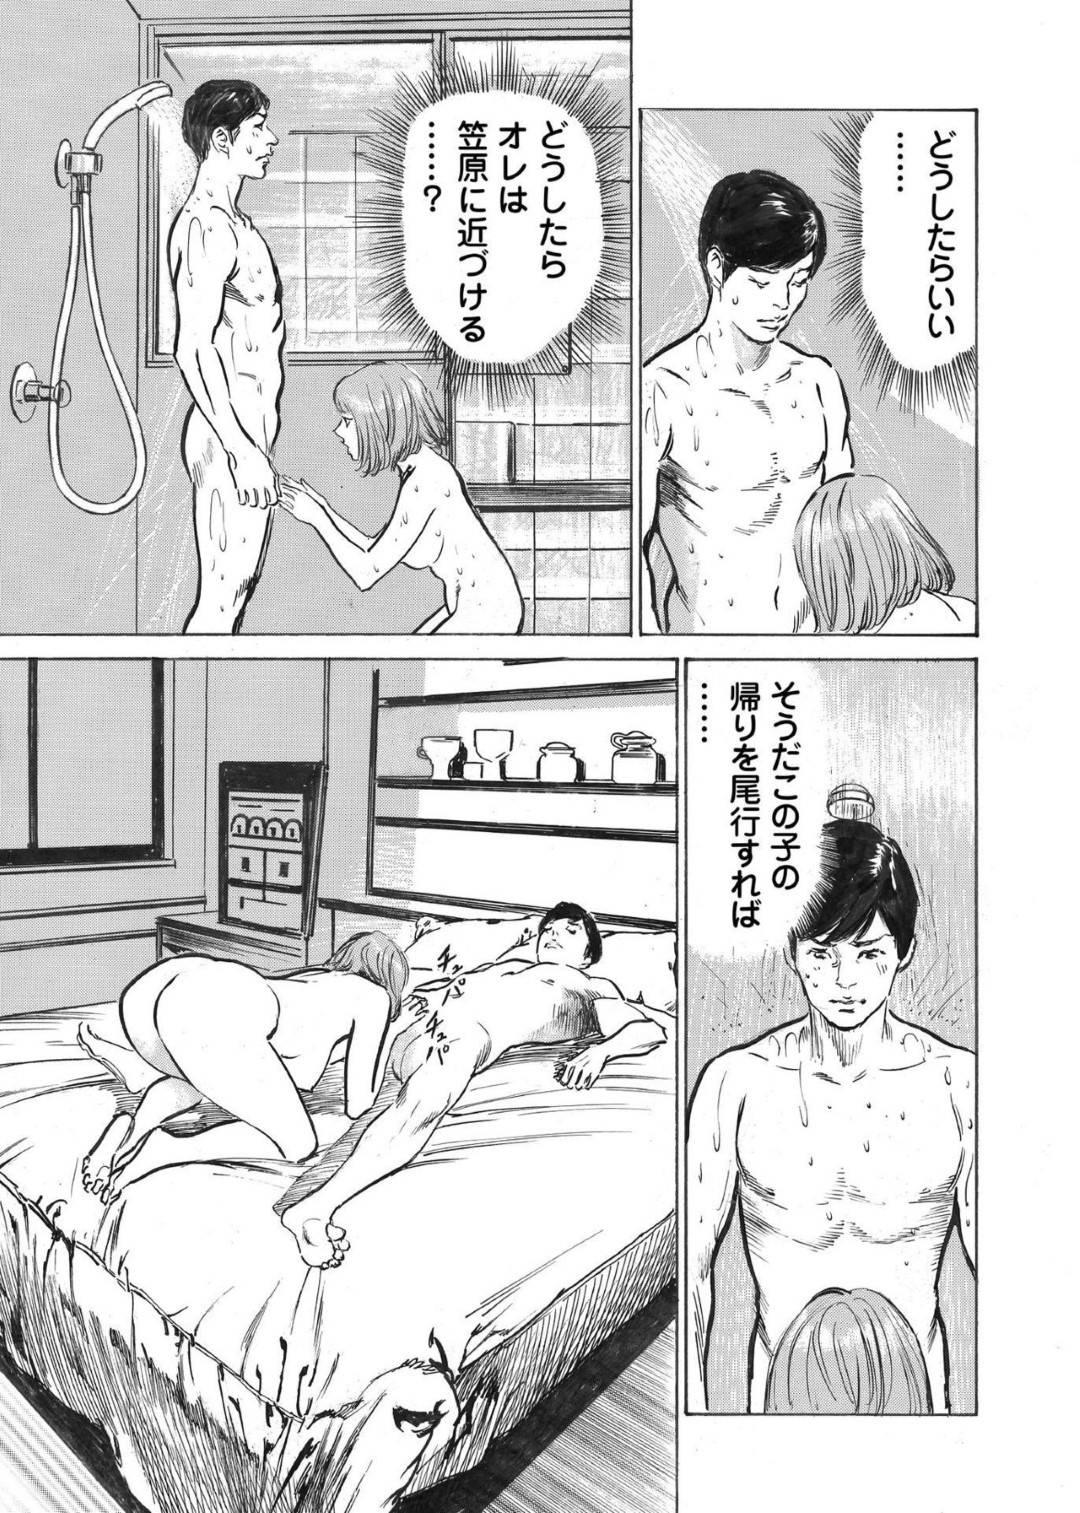 【エロ漫画】客として現れた主人公に接客するショートヘアデリヘル嬢…彼に探られている事も知らず、彼女は彼をシャワーに入れた後、フェラでイカせようとする。